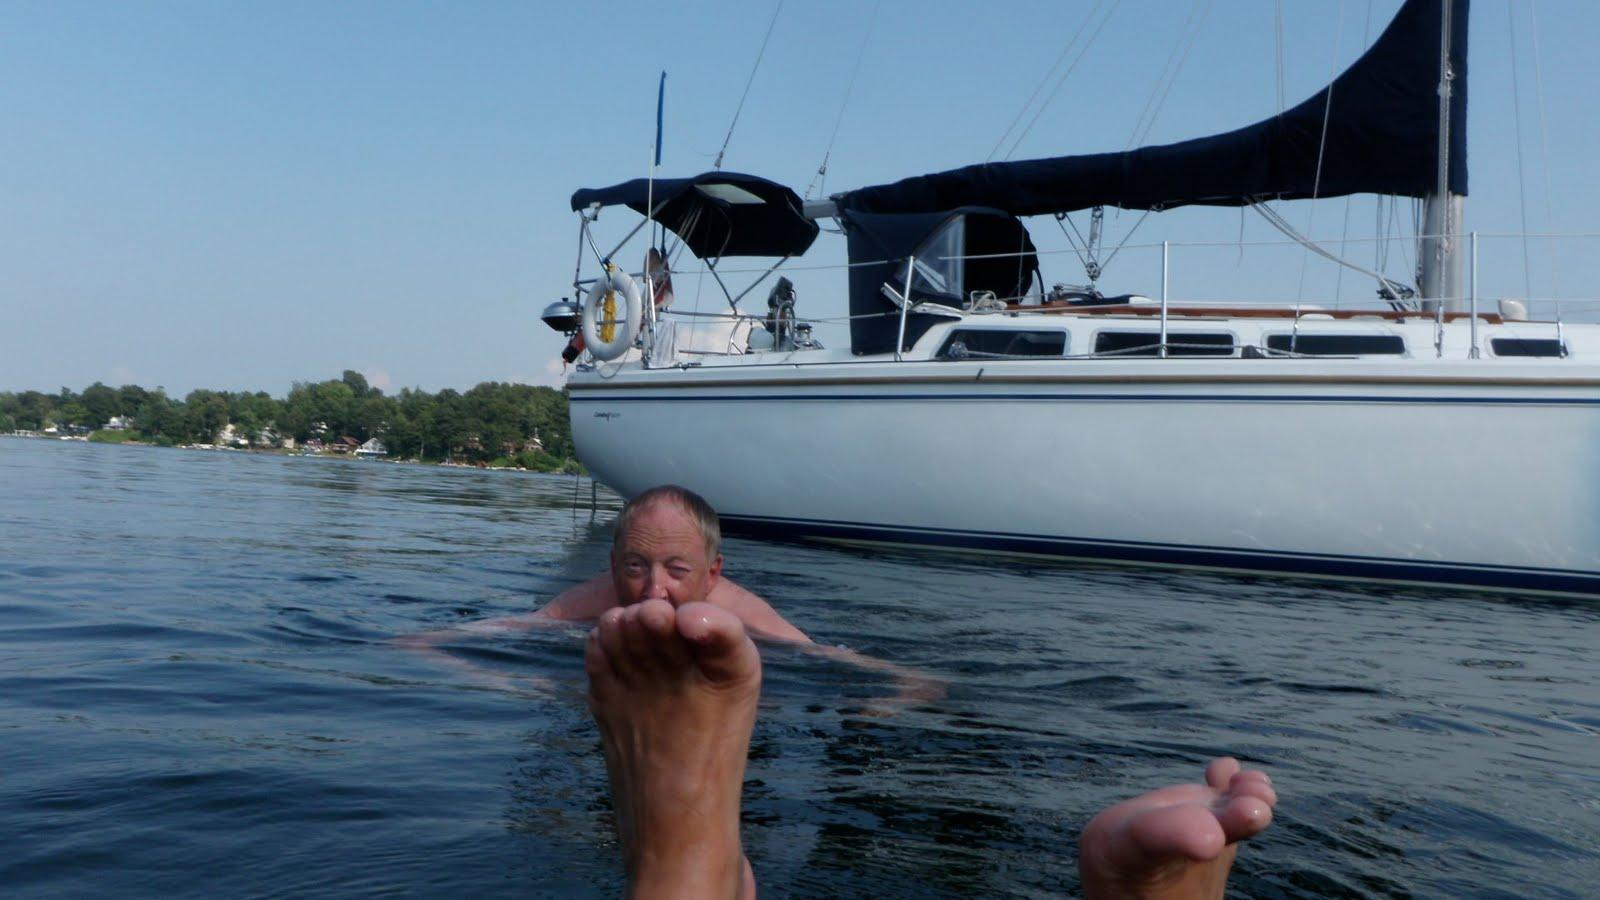 http://1.bp.blogspot.com/_xfNBjfS0IAI/TFyjJ_G3iwI/AAAAAAAABO0/FXd76jN02DE/s1600/swimming%2Bin%2BLittle%2BSodu.jpg